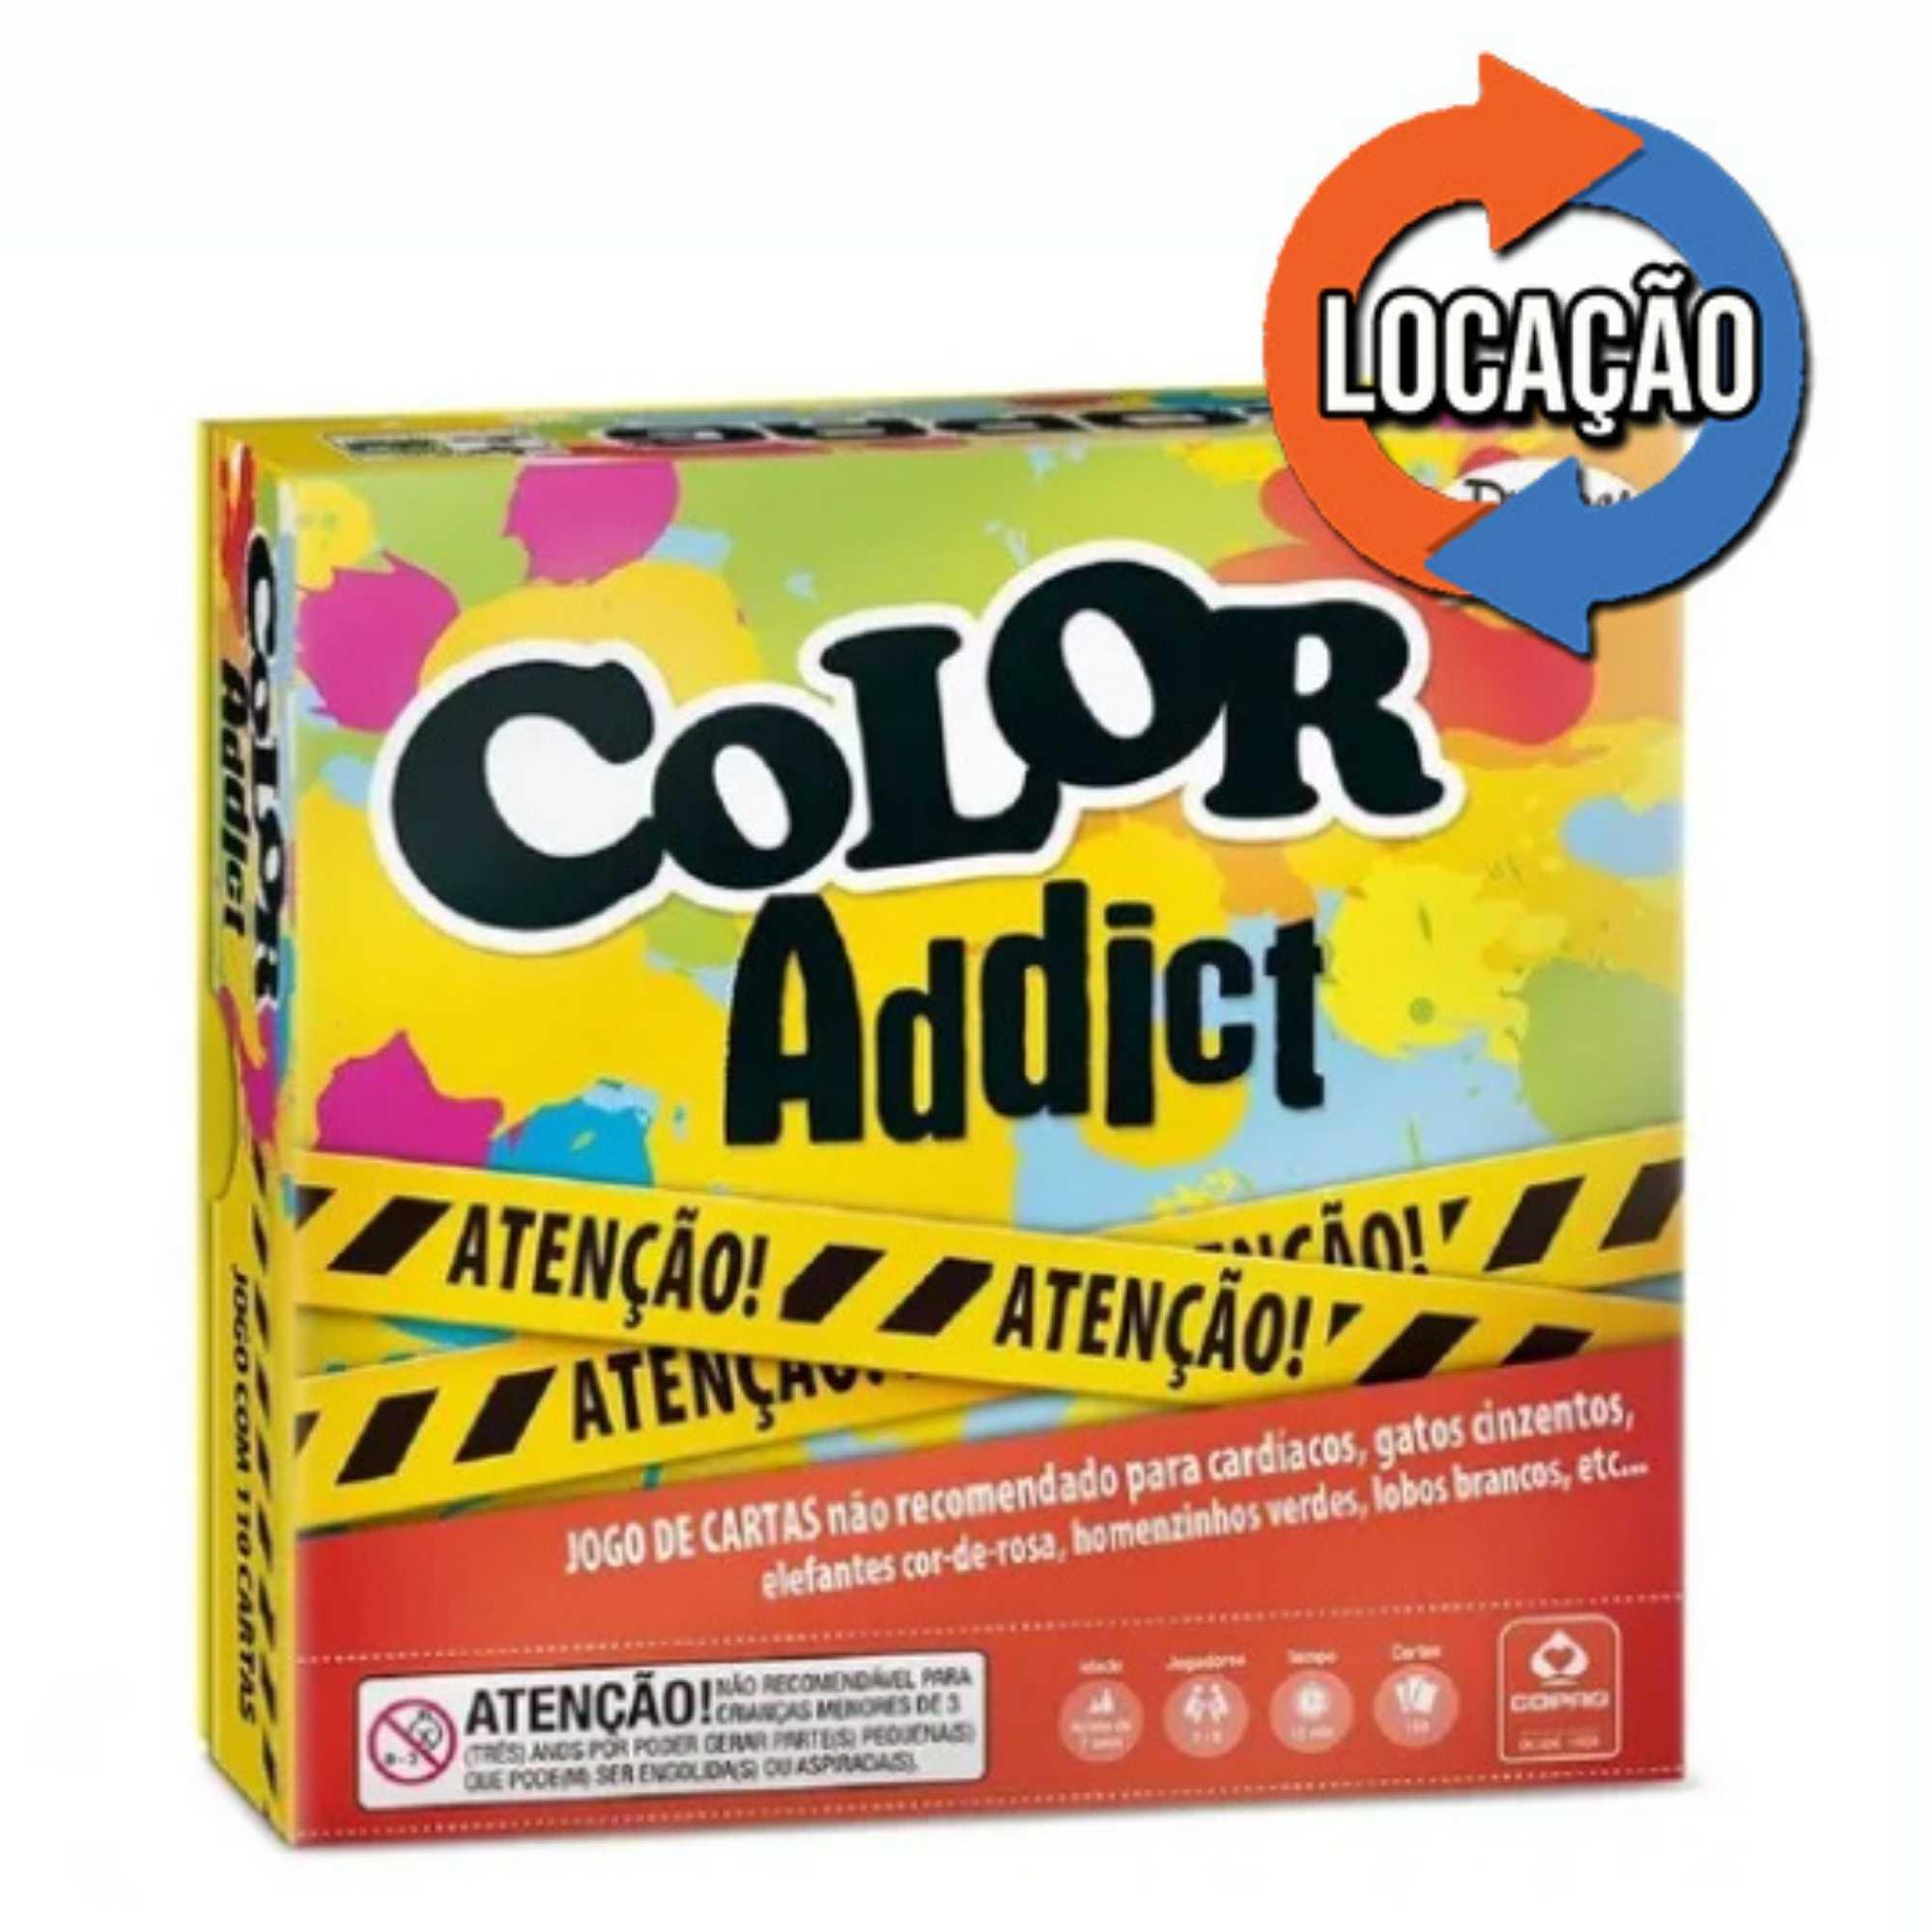 Color Addict (Locação)